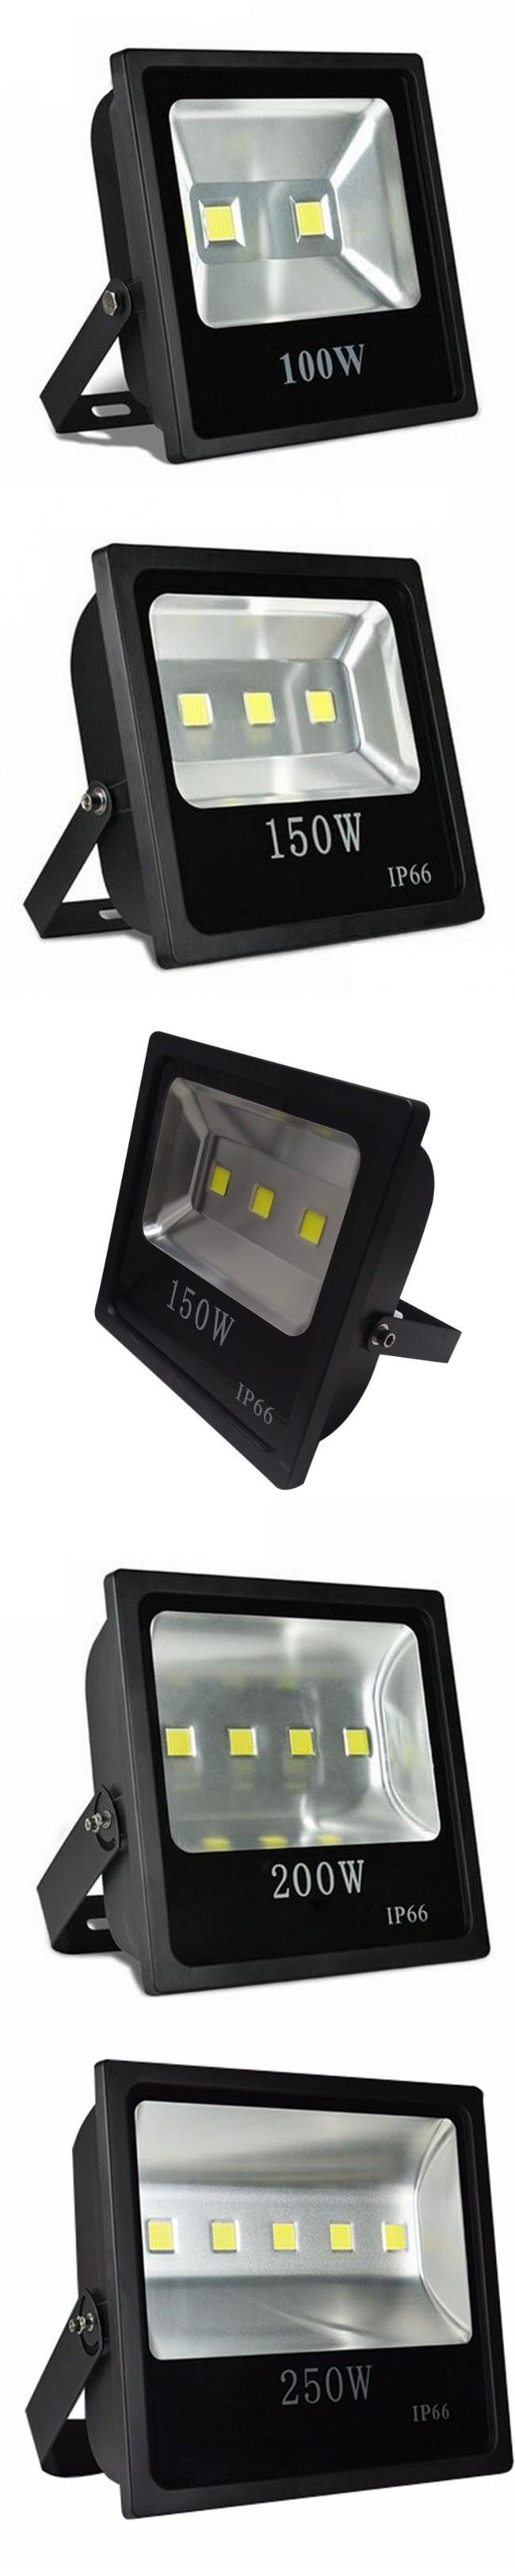 150W 220V 110V Driverless LED Flood Light LED Tunnel Light (100W-.83/120W-.23/150W-.01/160W-.54/200W-.92/250W-.53) 2-Year Warranty